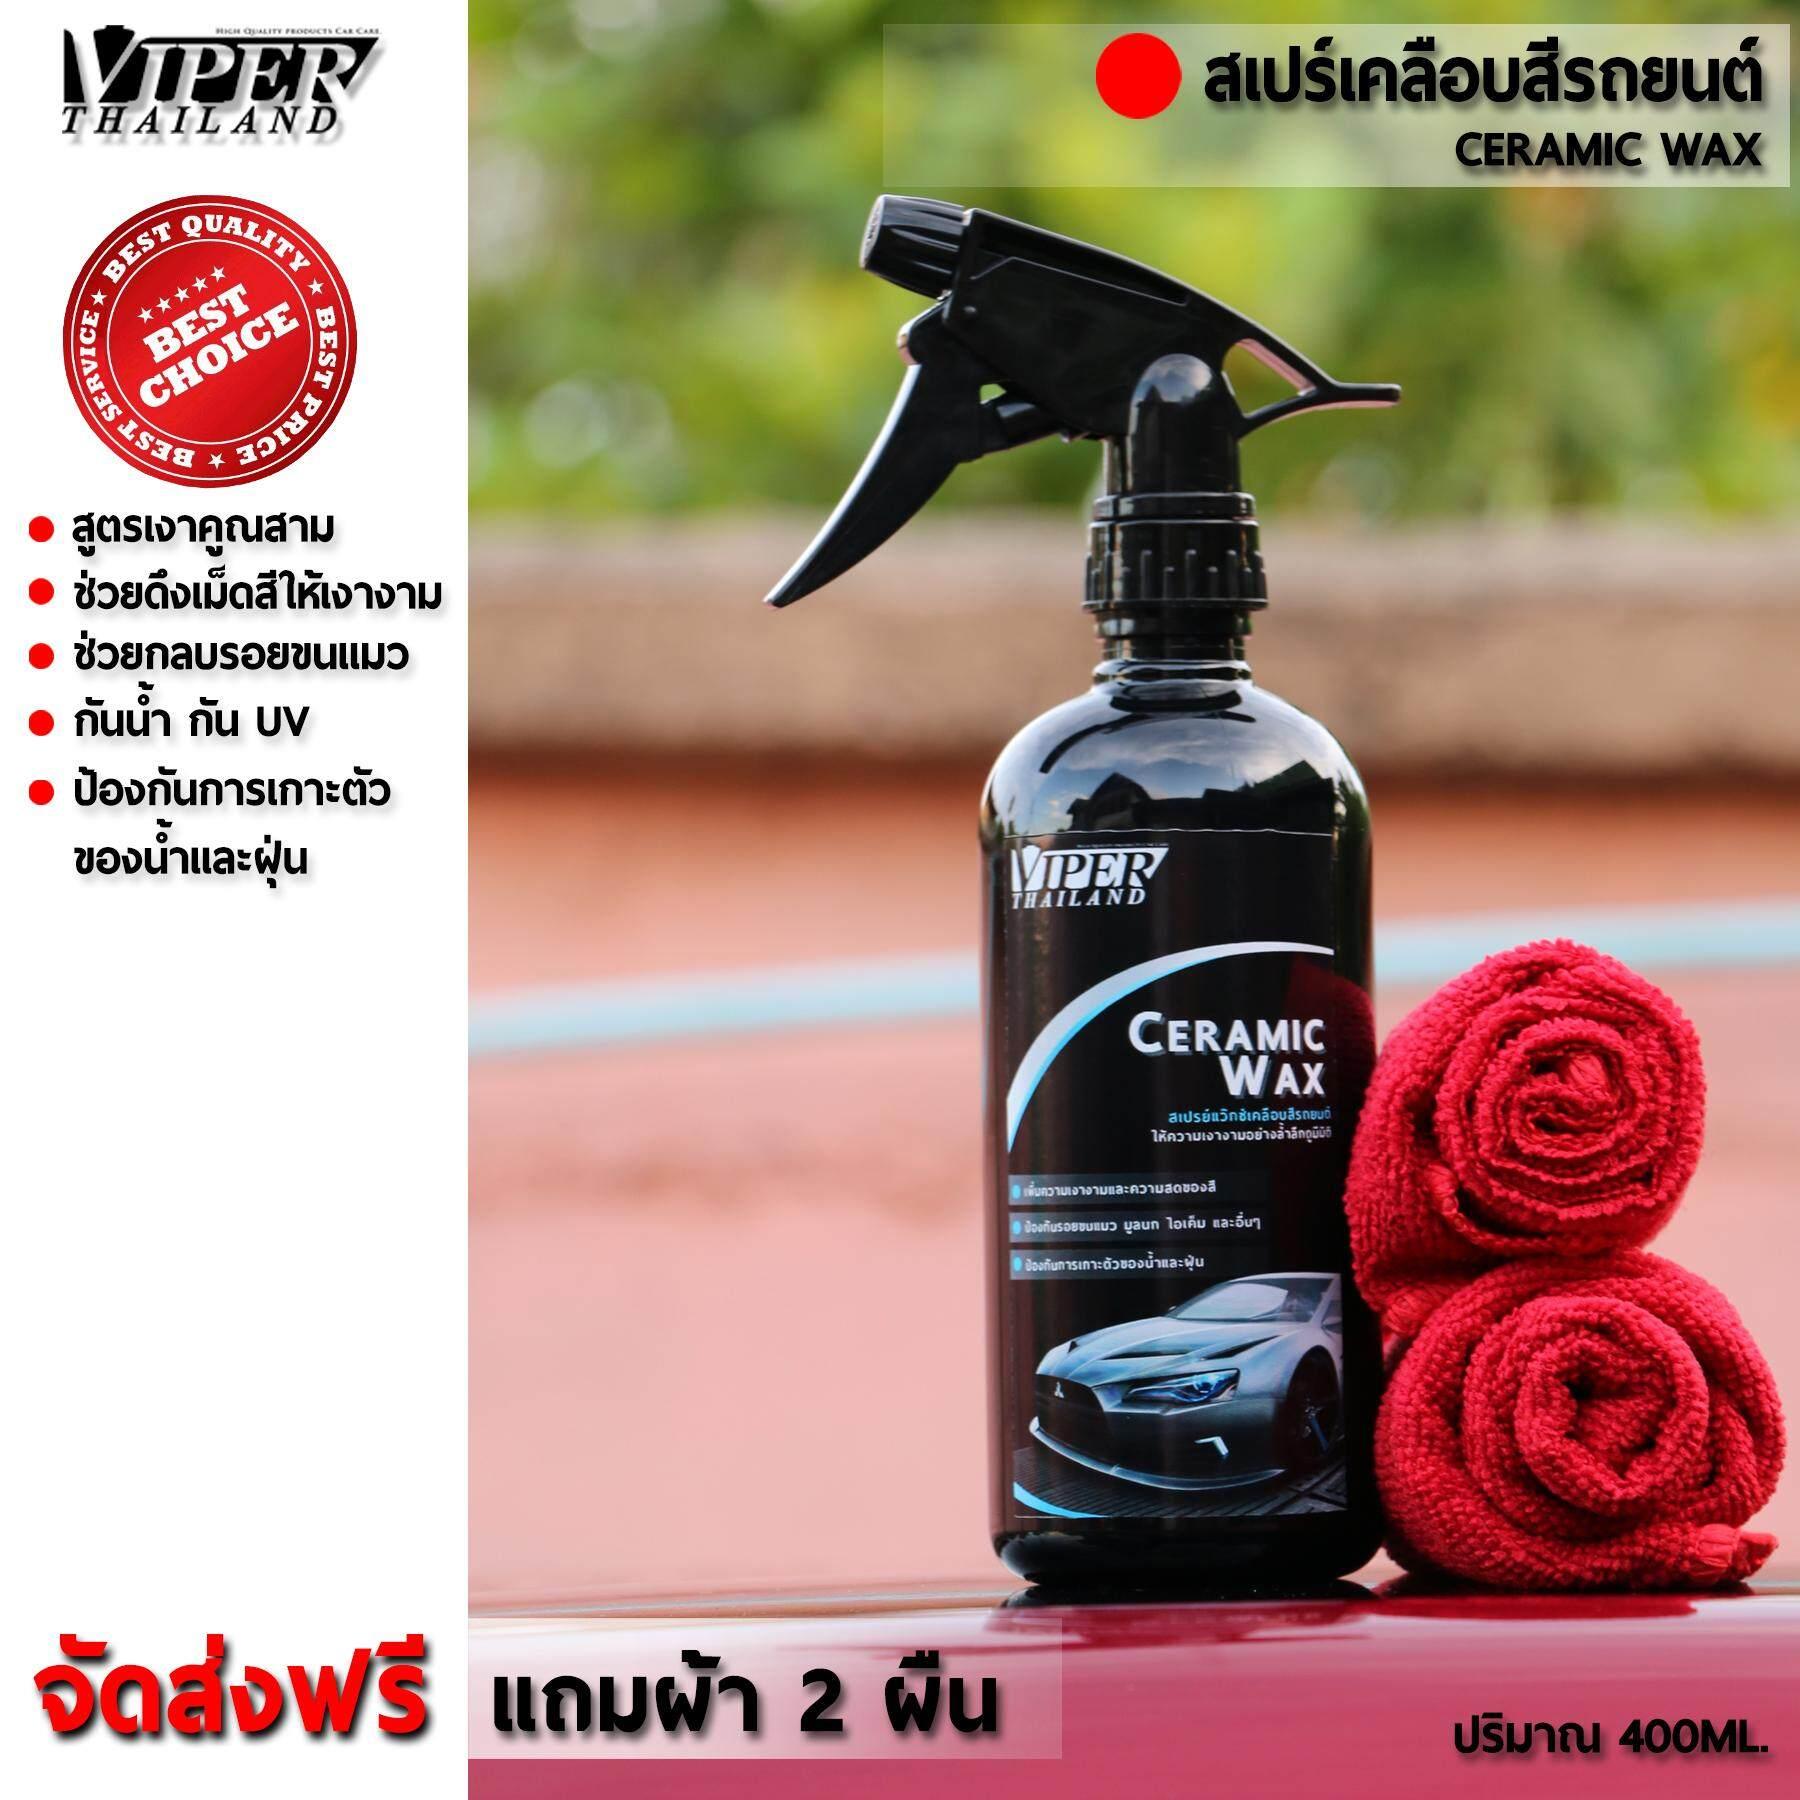 น้ำยาเคลือบสีรถ Wax Coating 400ml. แถมผ้า 2ผืน By Viper Thailand.